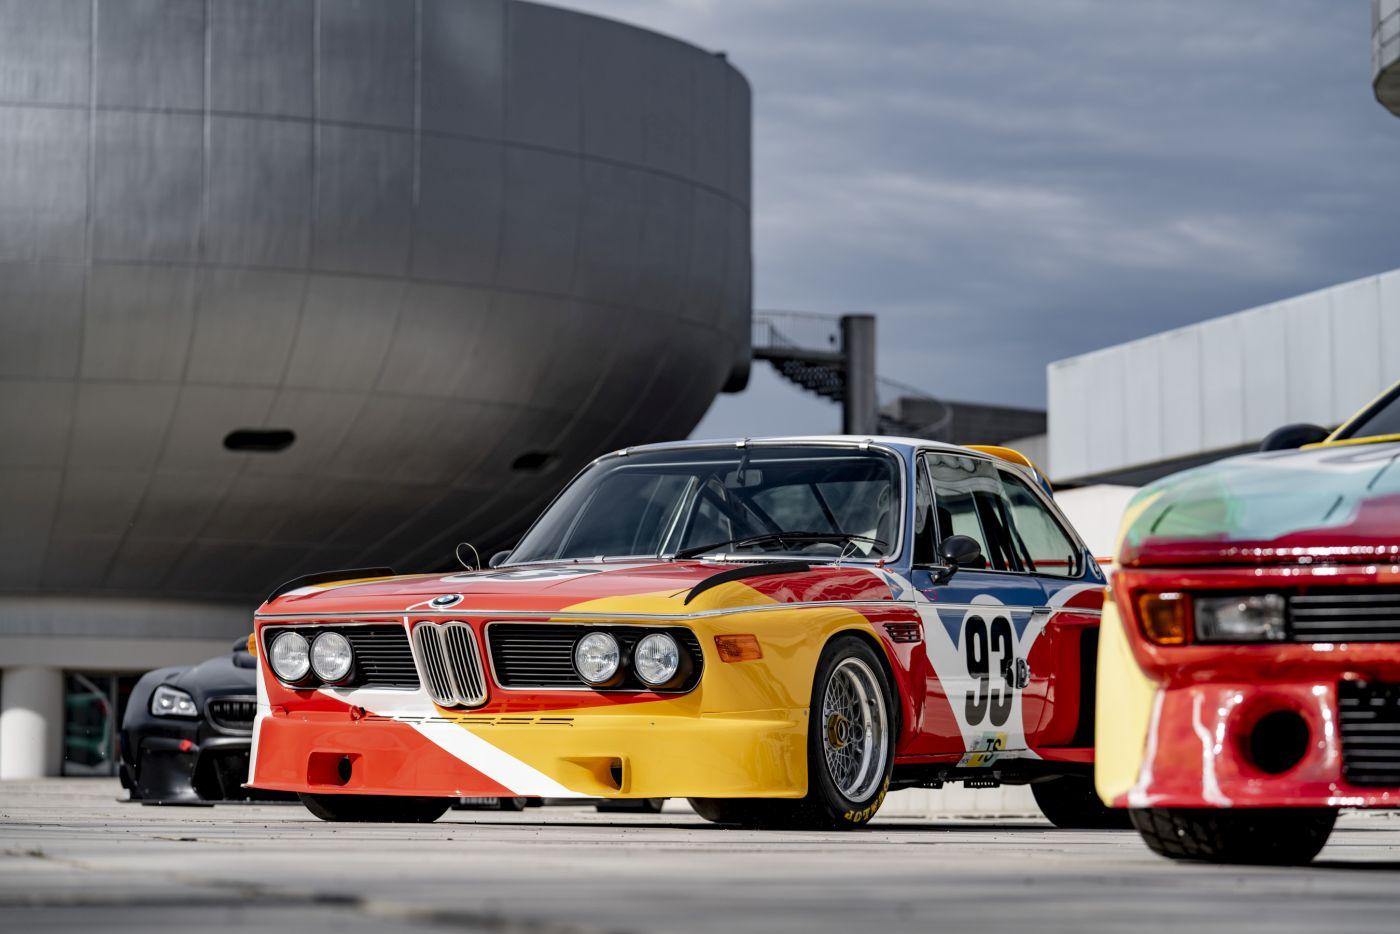 Formen und Farben der 70er BMW 3.0 CSL Art Car 2